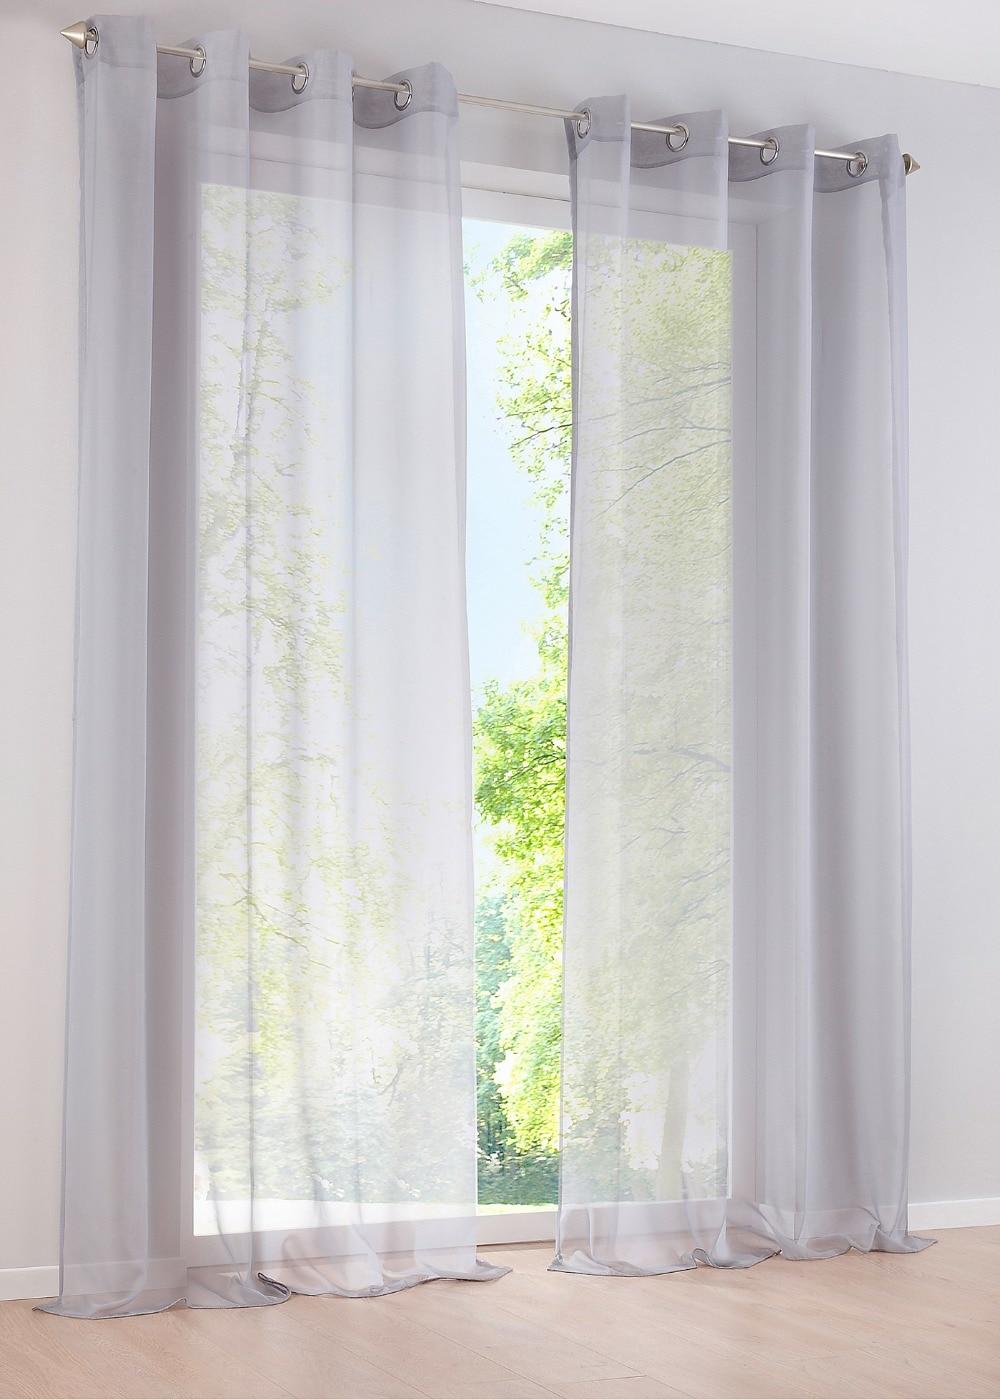 Pantalla de ventana personalizada de hilo de alta densidad para ventanas de dormitorio y sala de estar de tul Multicolor, panel transparente